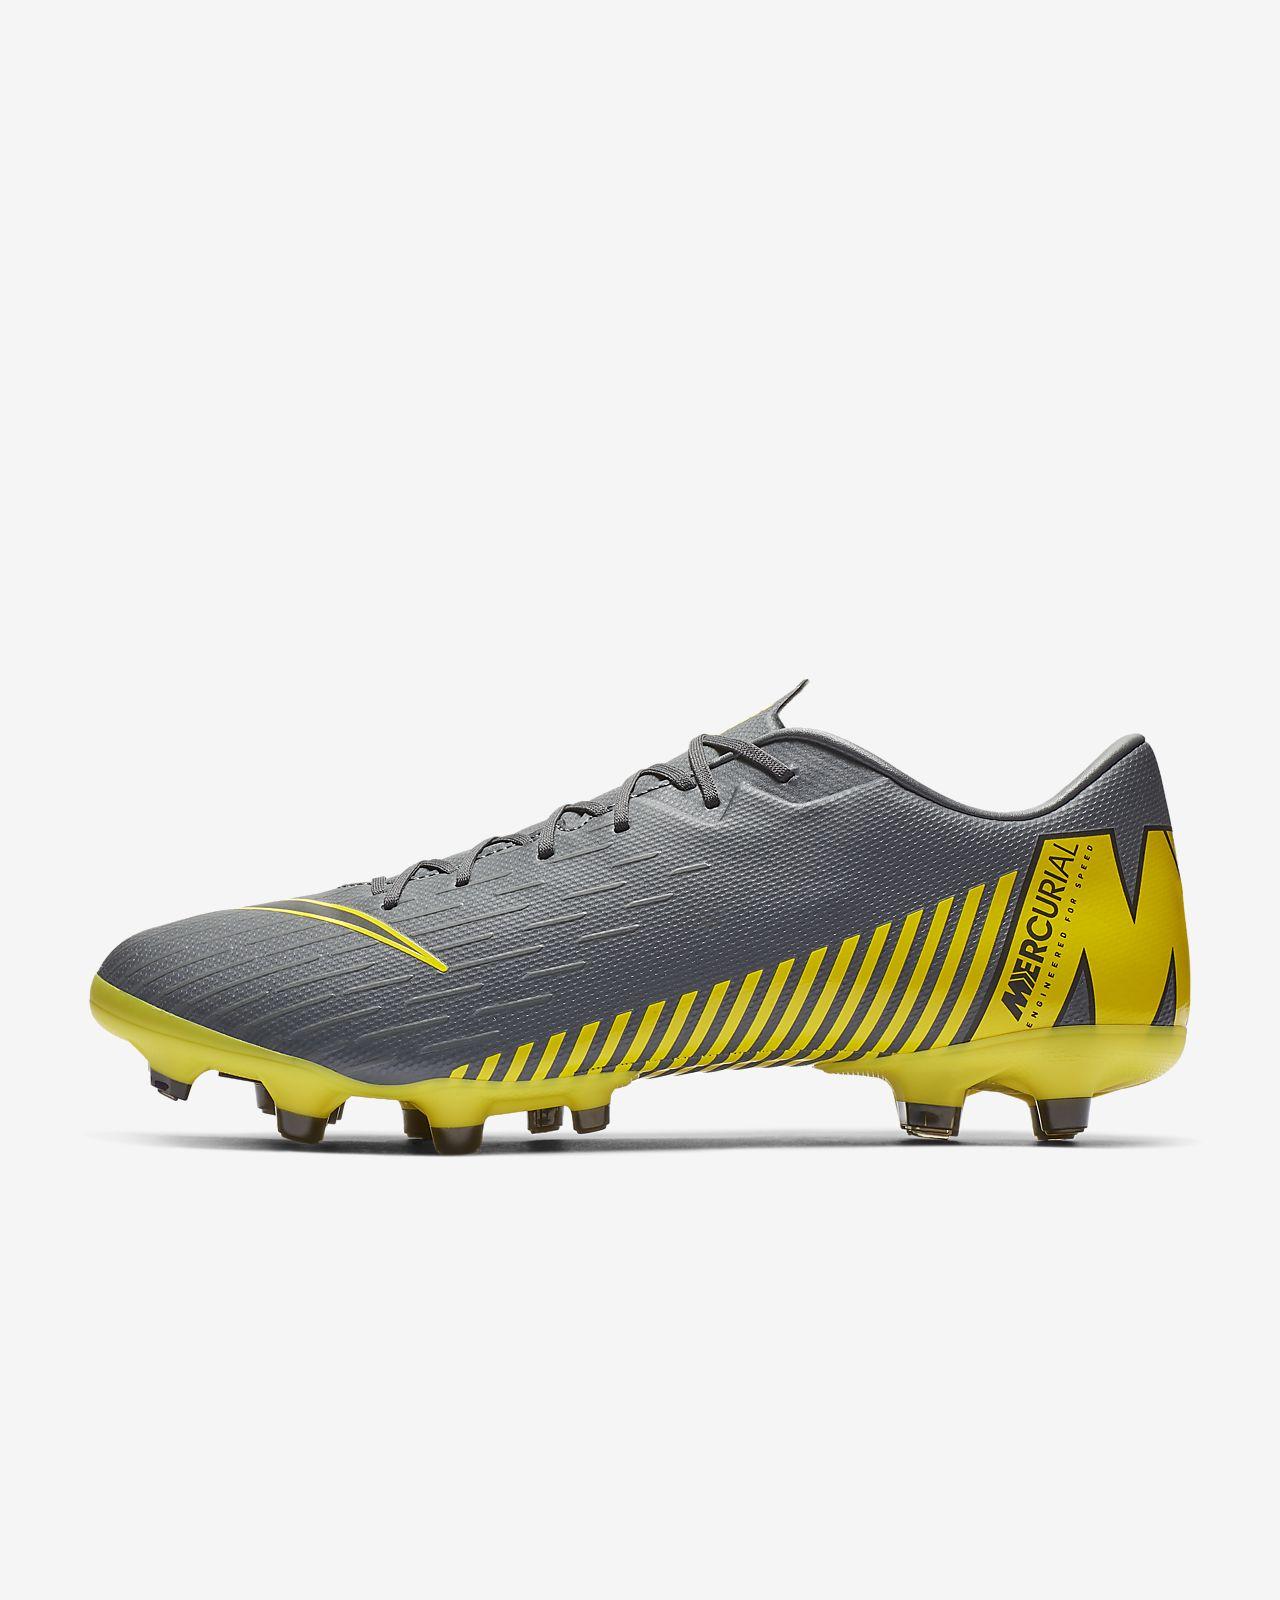 best loved dee9a 963d0 ... Nike Vapor 12 Academy MG Botas de fútbol para múltiples superficies